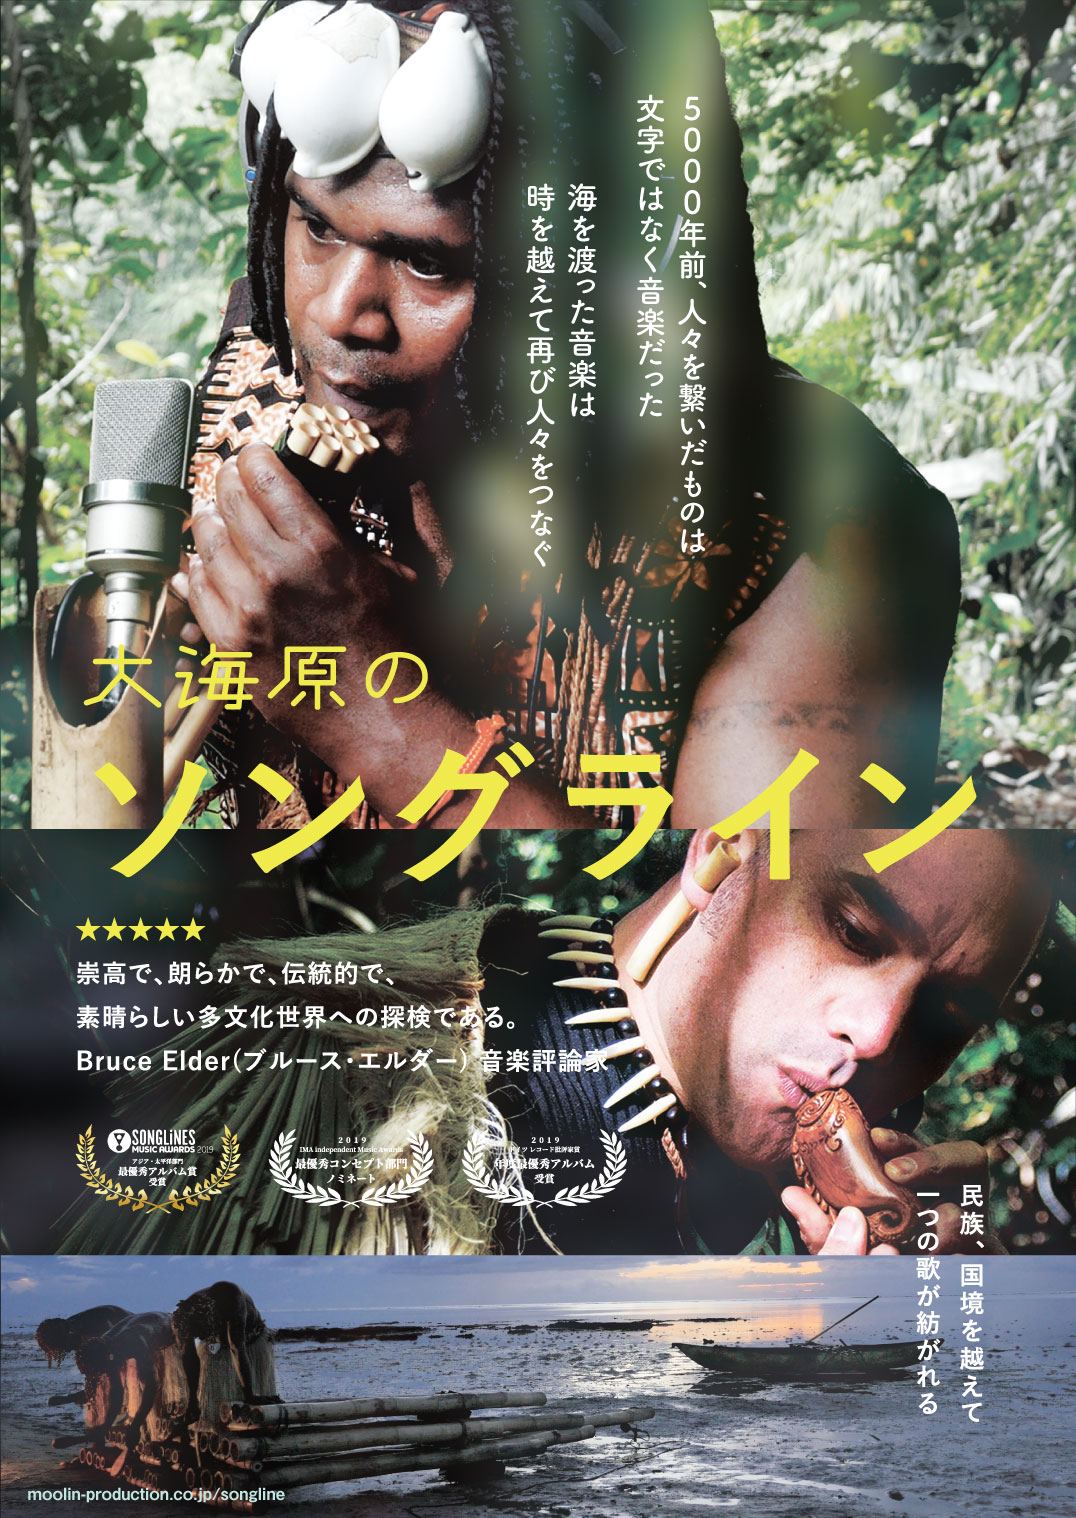 0203_teaser-poster_150dpi_songline